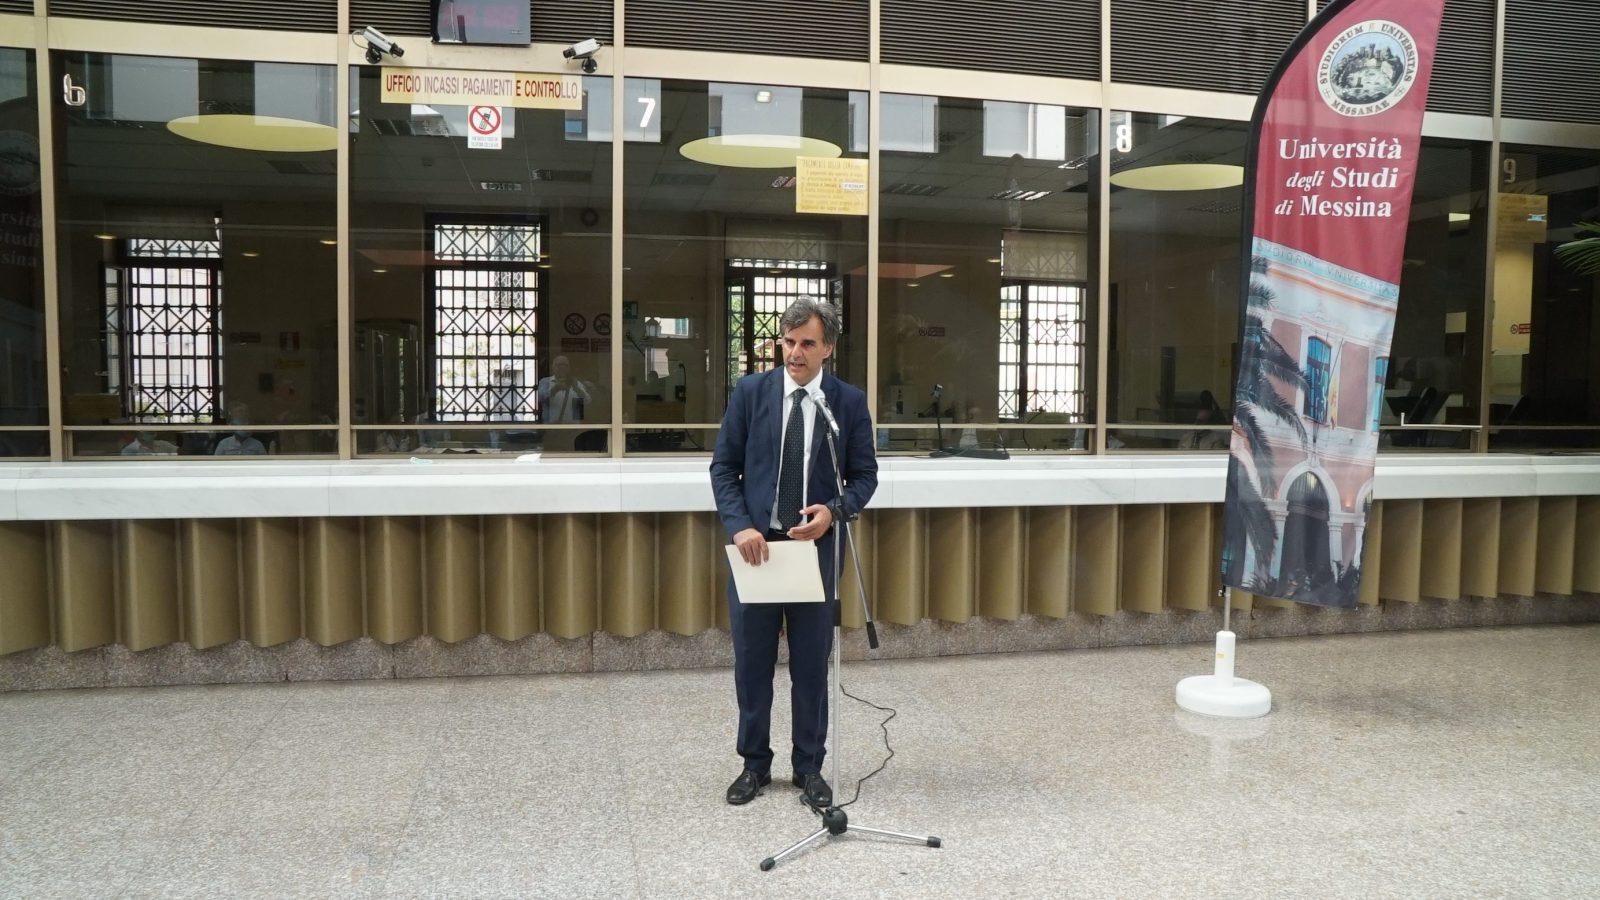 banca d'italia acquisita dall'università di messina: il rettore salvatore cuzzocrea